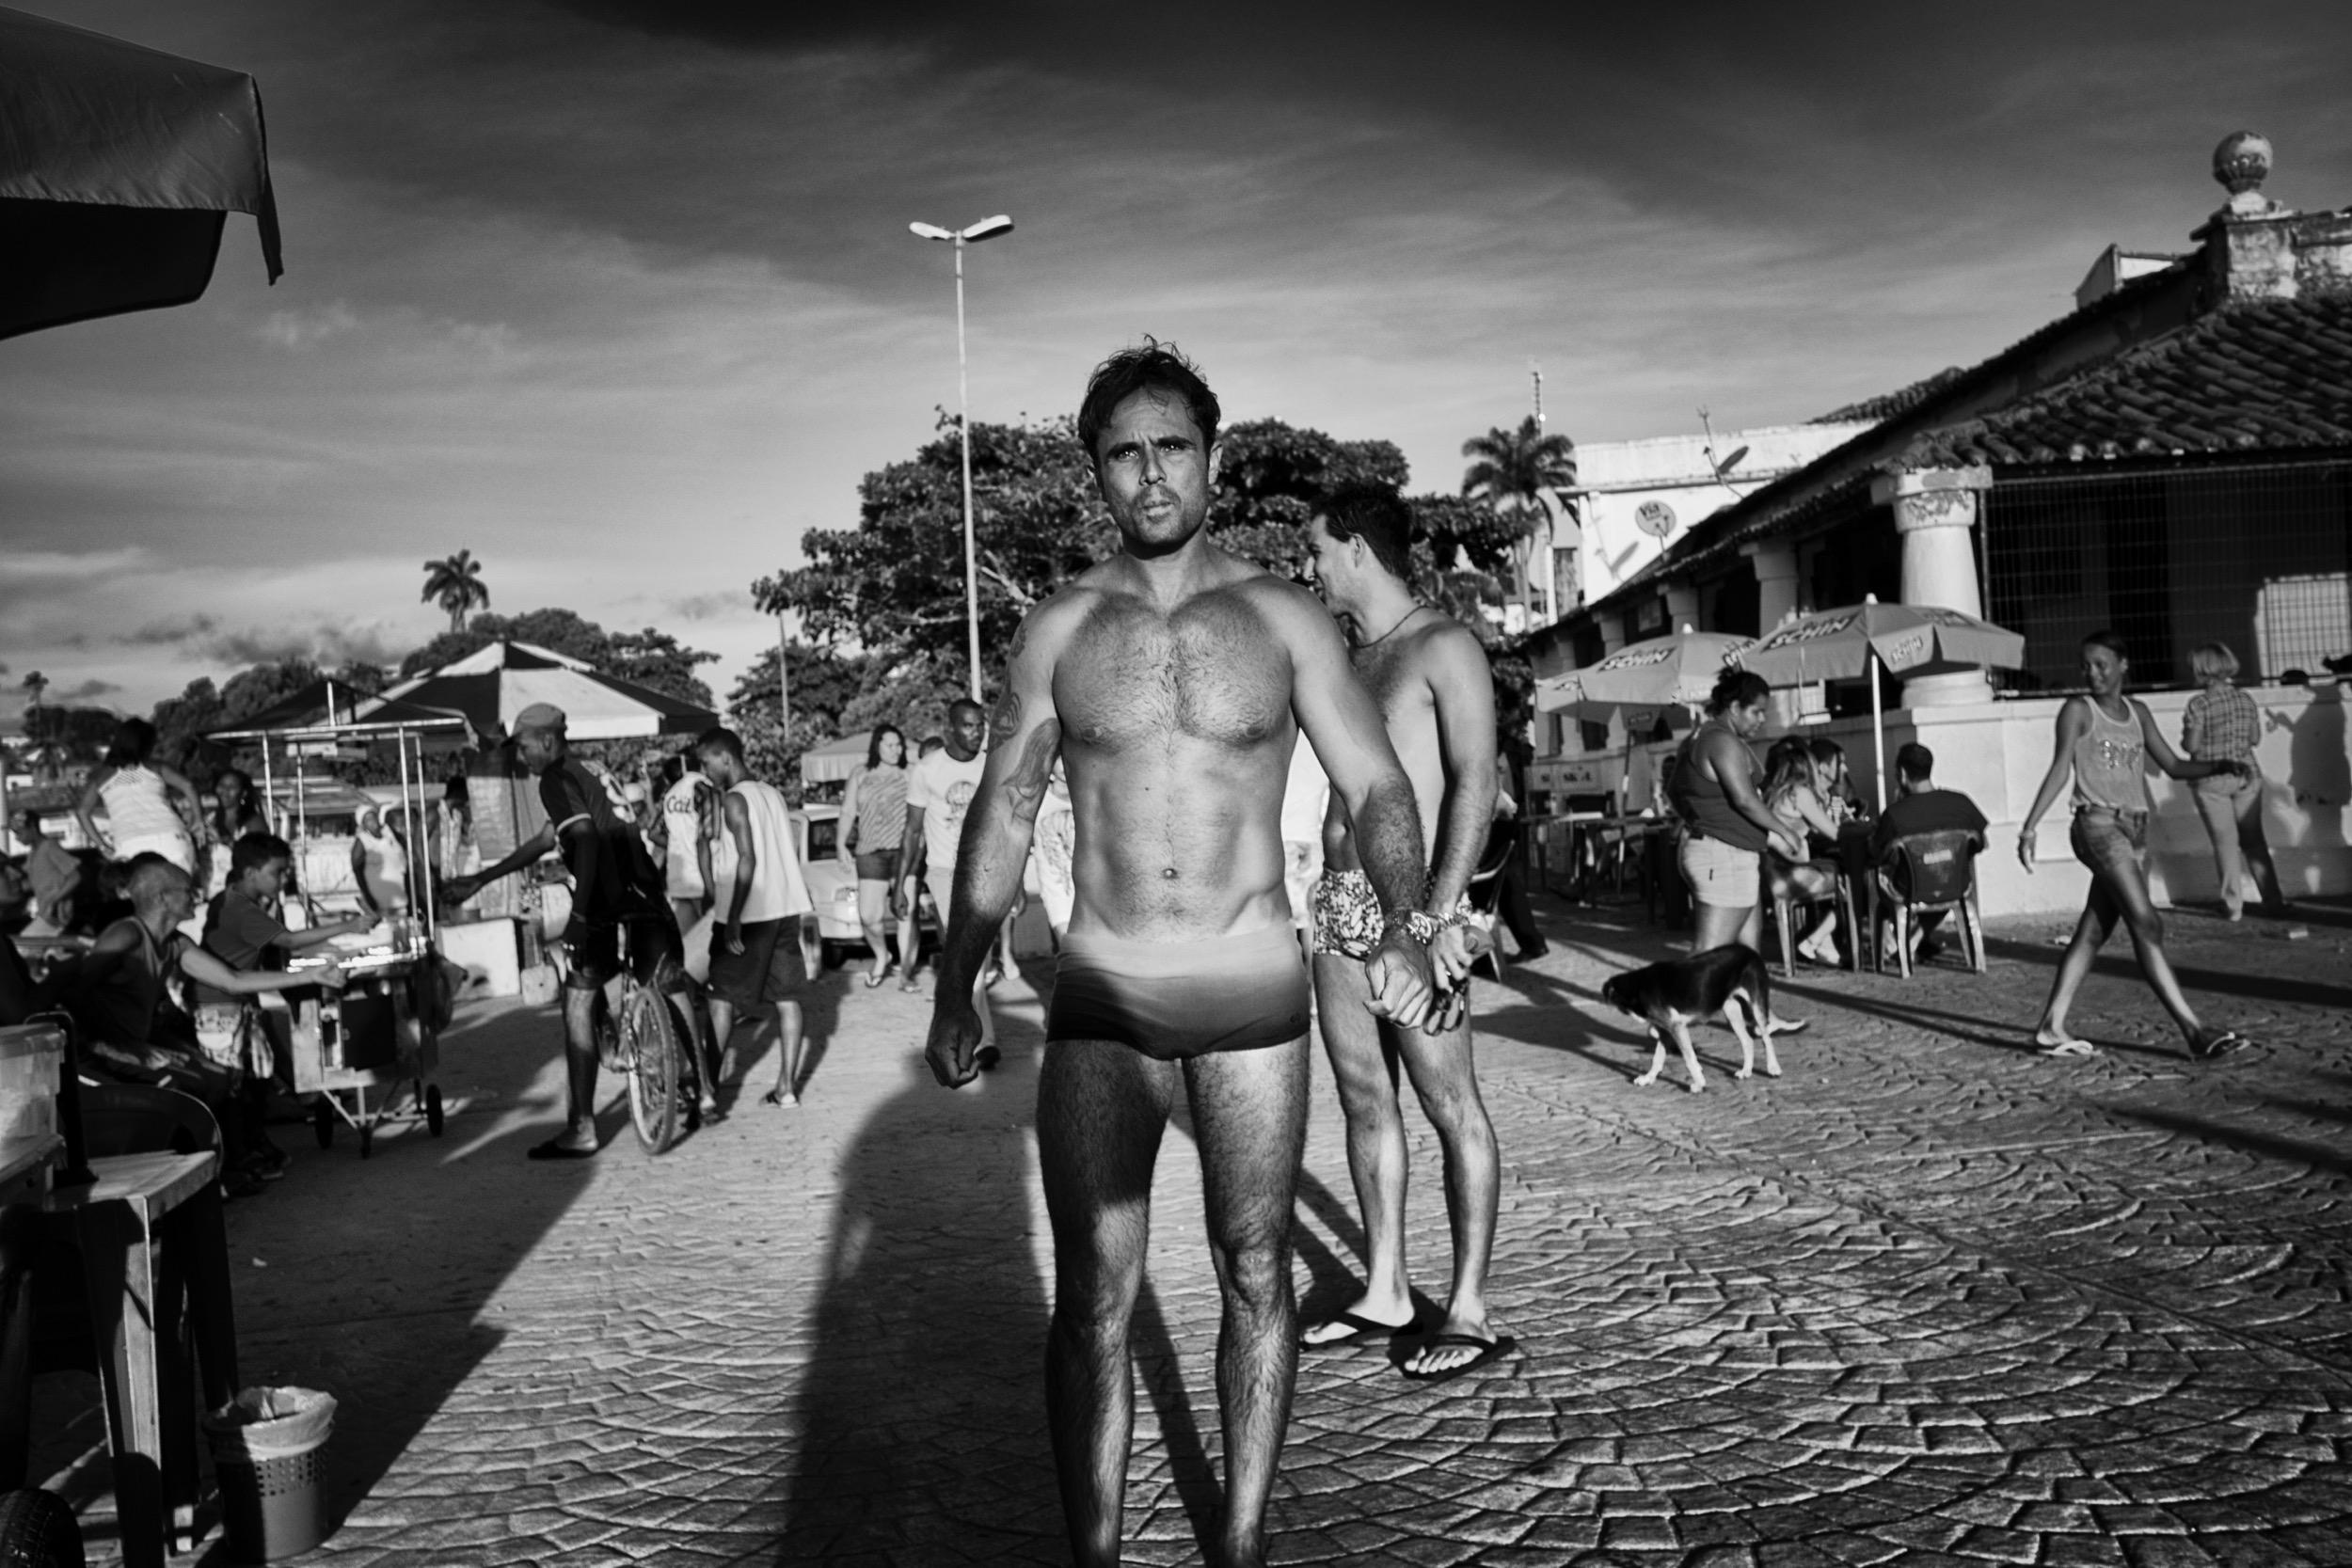 Salvador de Bahia, Brazil :: 2012